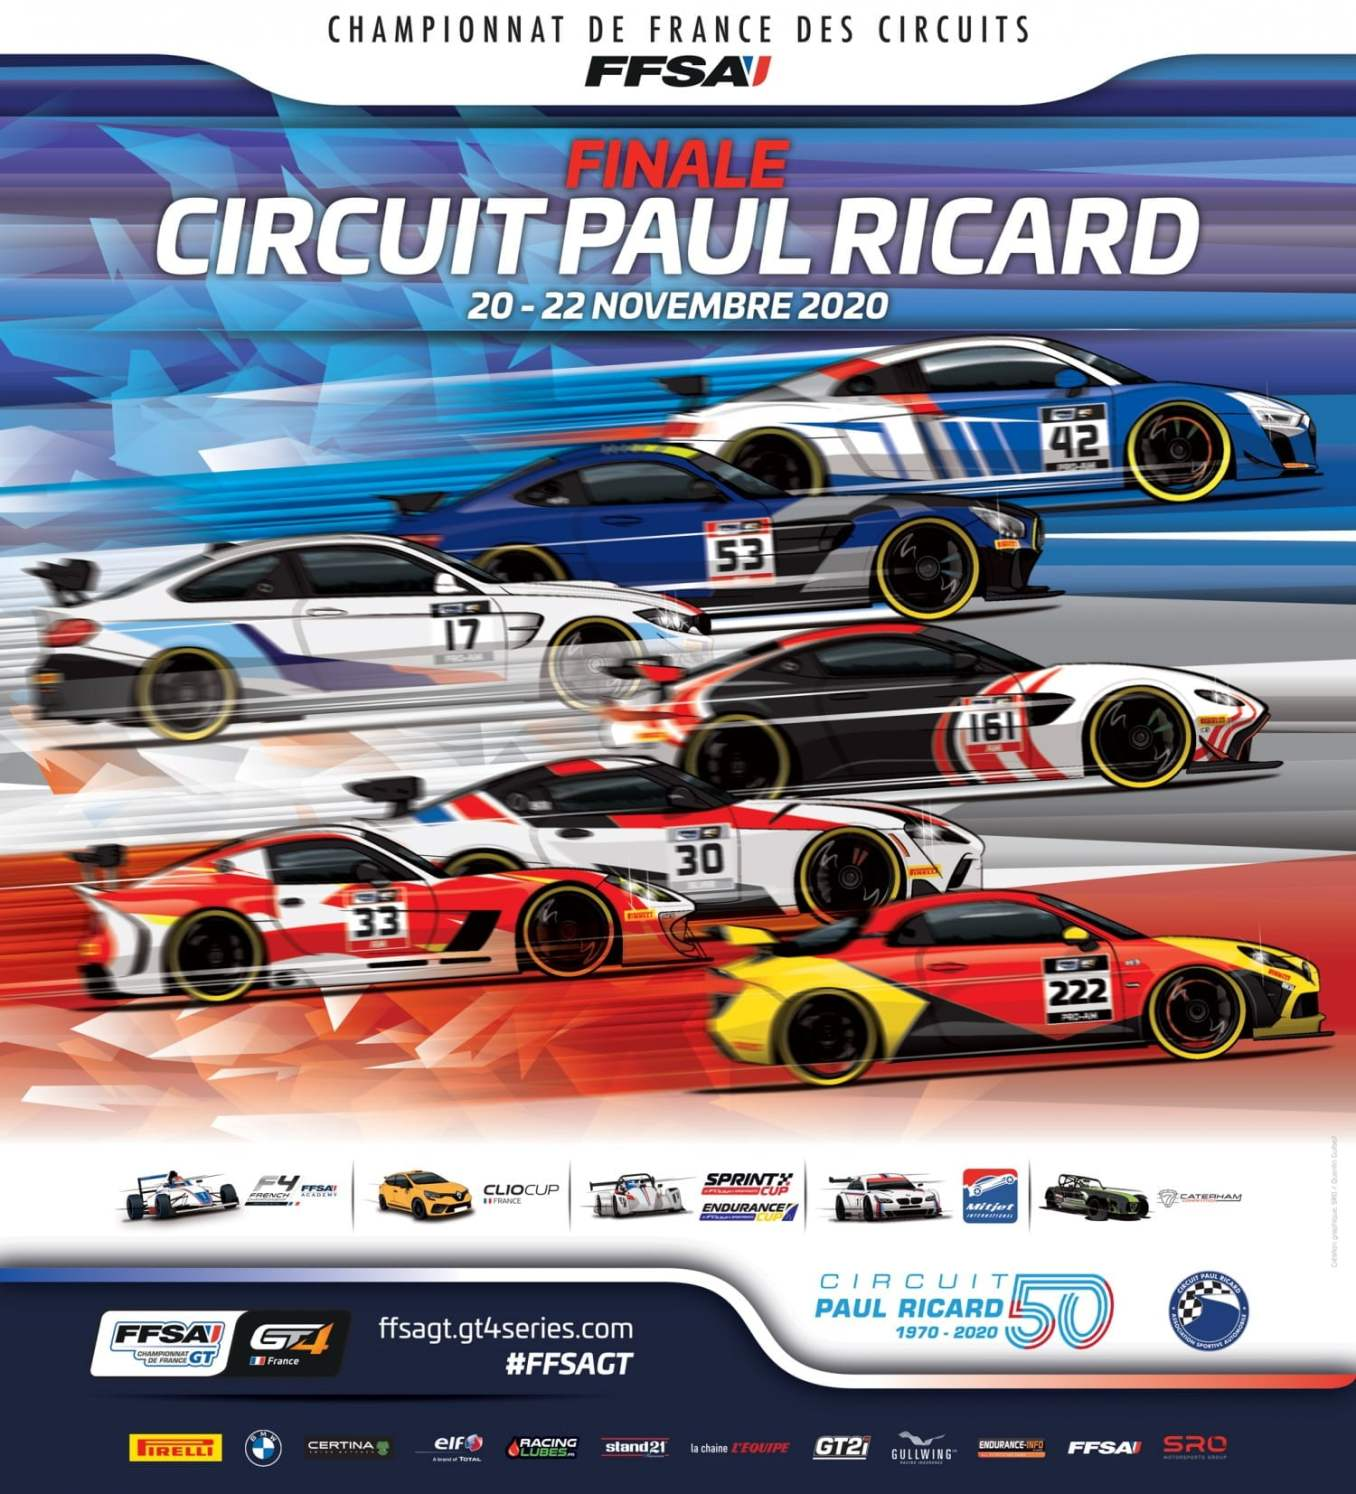 Alpine A110 GT4 FFSA Paul Ricard finale 2020 | Alpine A110 GT4 : la finale FFSA GT au Circuit Paul Ricard